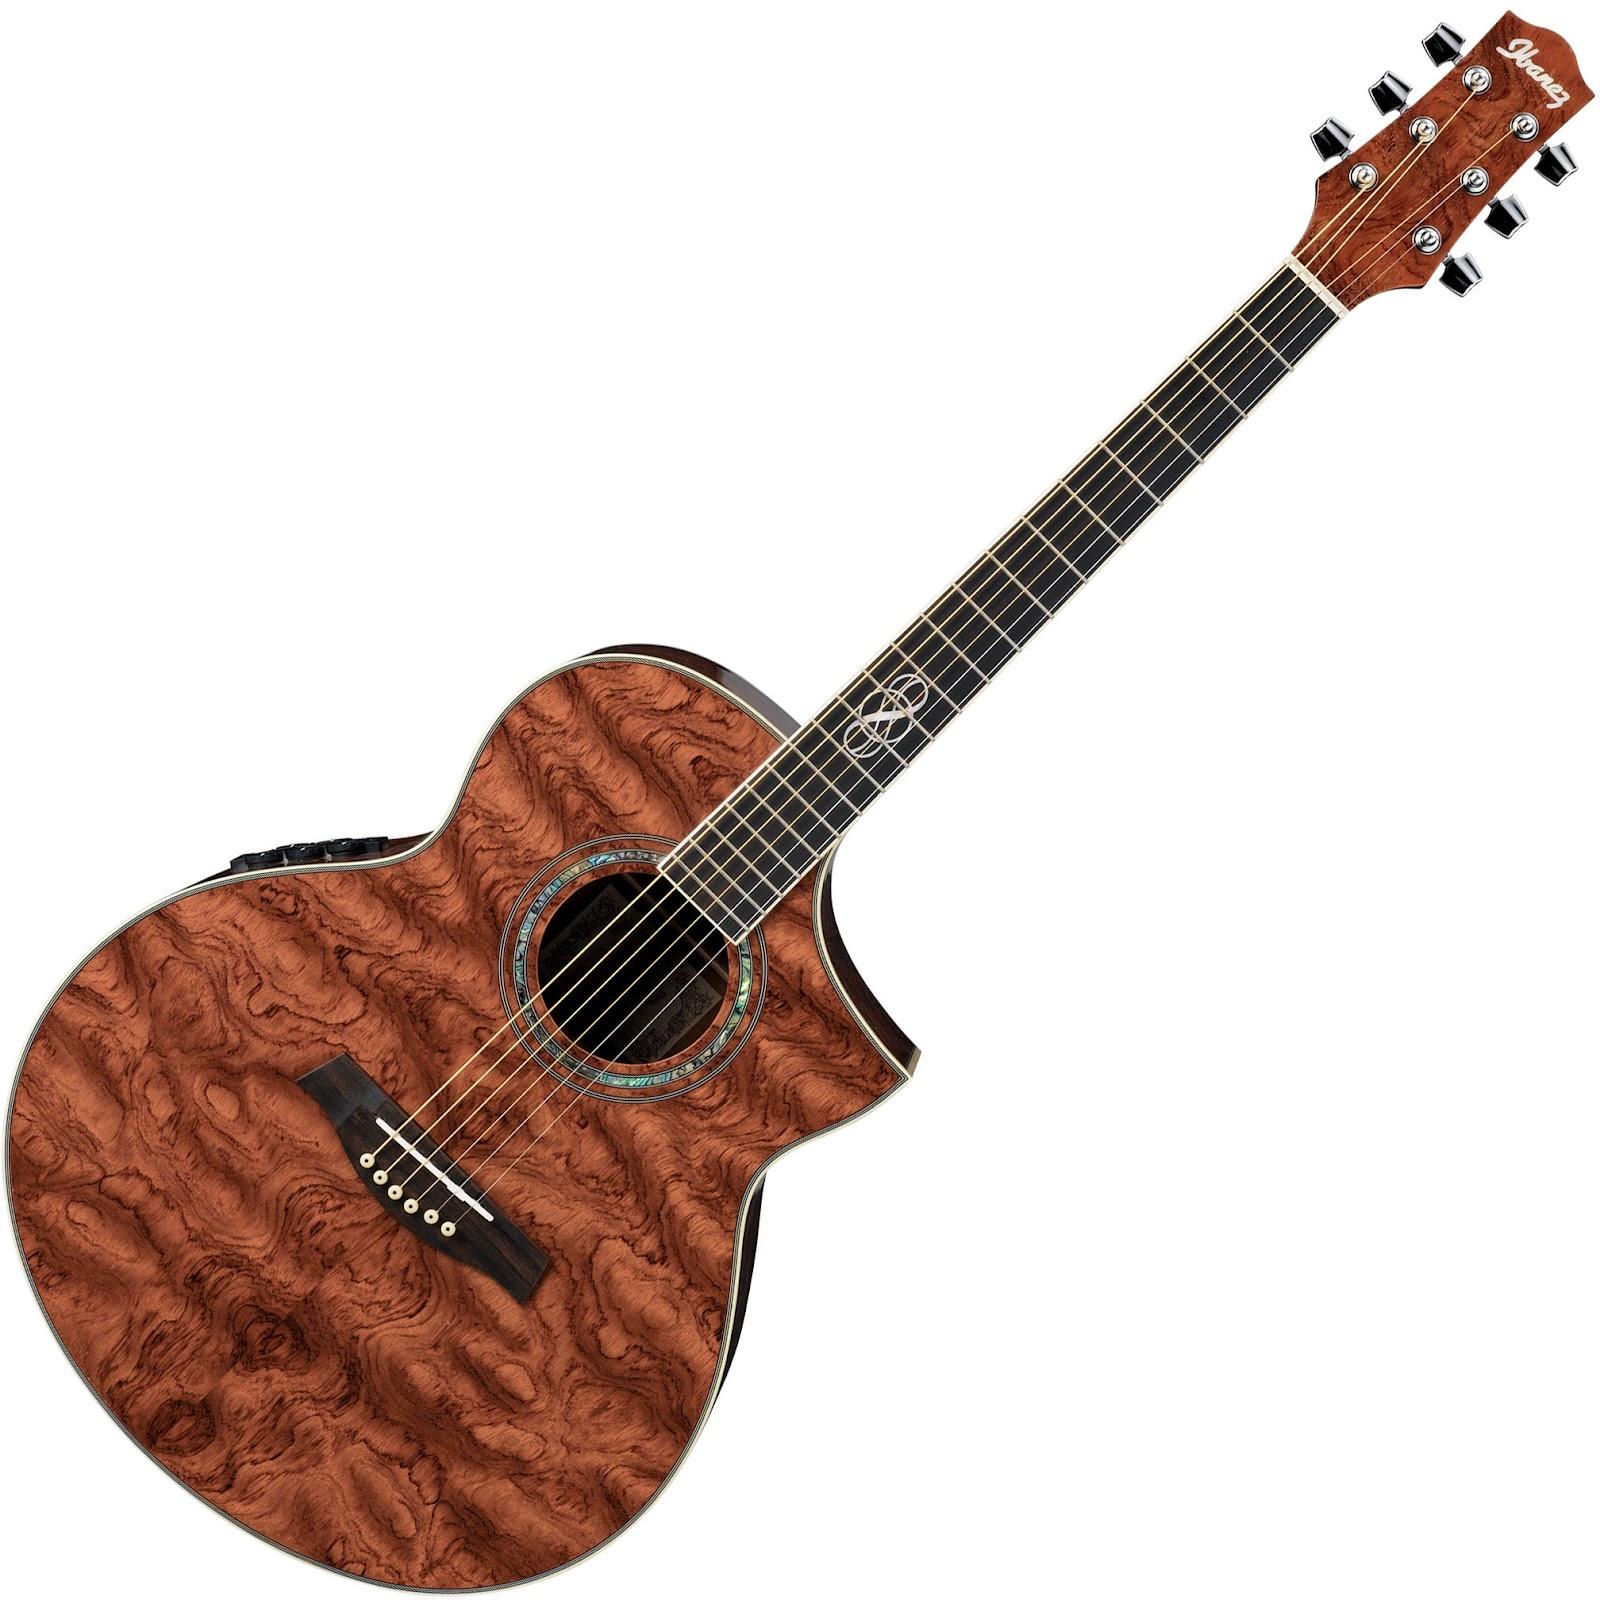 http://2.bp.blogspot.com/-EW5y44Tb_Jo/UBIsSwaX7fI/AAAAAAAAEtY/O52vU3NHsNk/s1600/fotos-para-fondos-de-pantallas-de-guitarras-electroacusticas.jpg